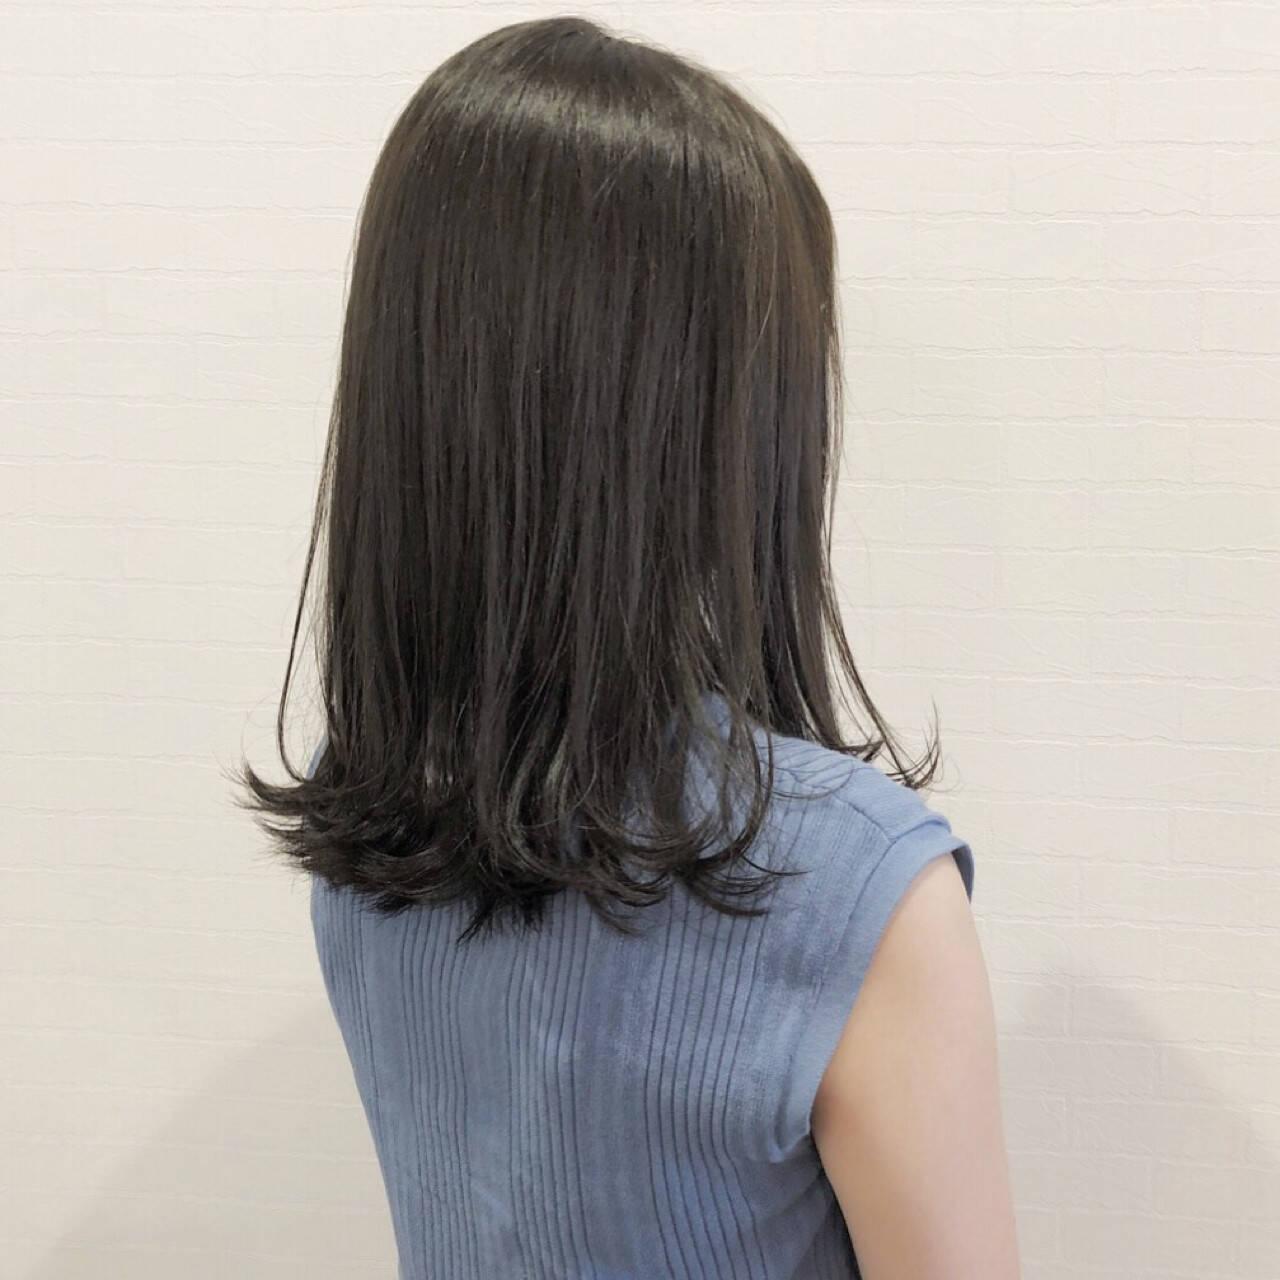 ナチュラル マット 女子力 グレージュヘアスタイルや髪型の写真・画像